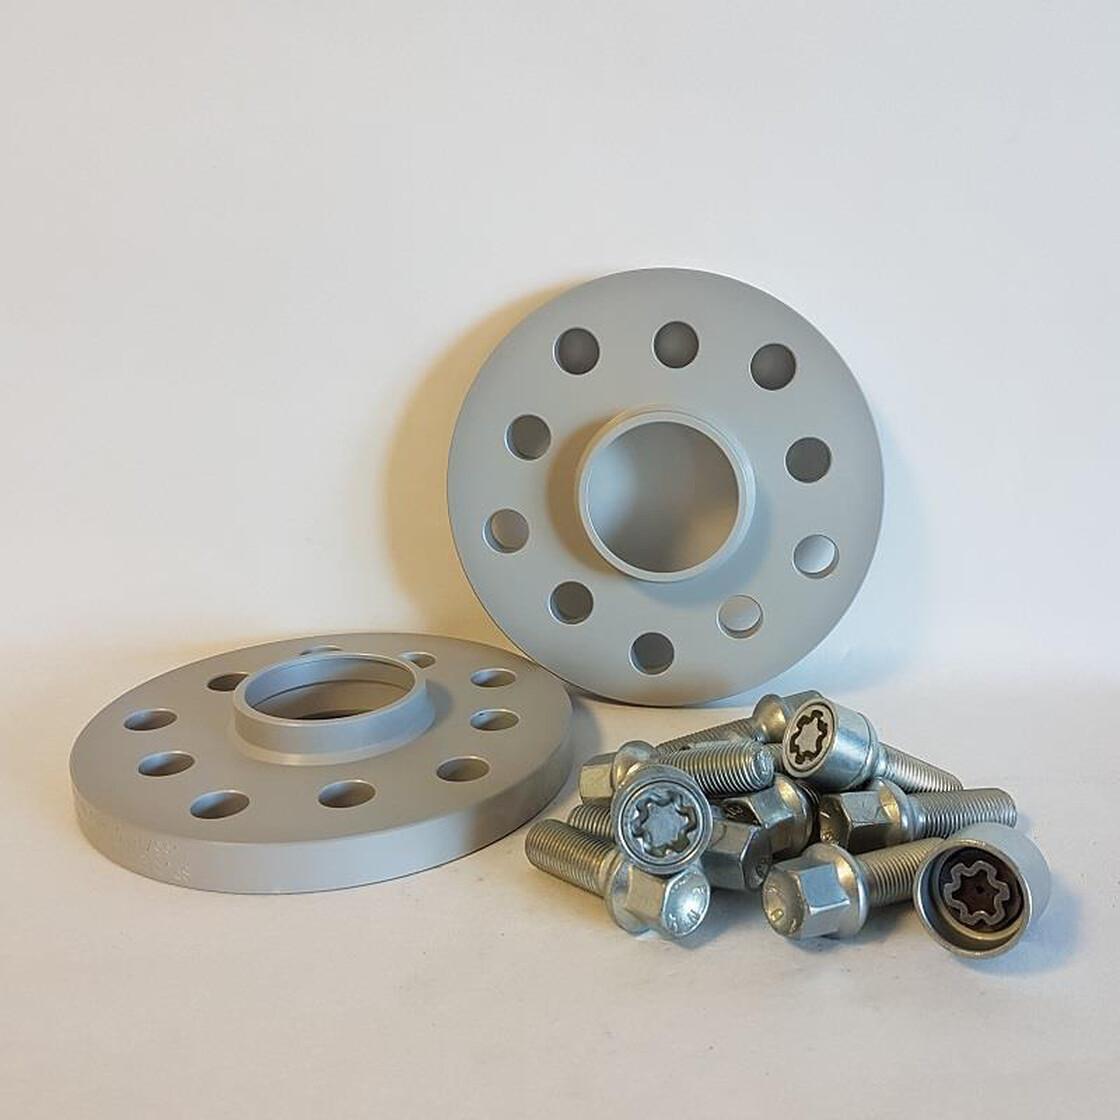 H/&R Spurverbreiterung ABE 20mm AUDI,SEAT,SKODA,VW mit Radschrauben+Felgenschloß